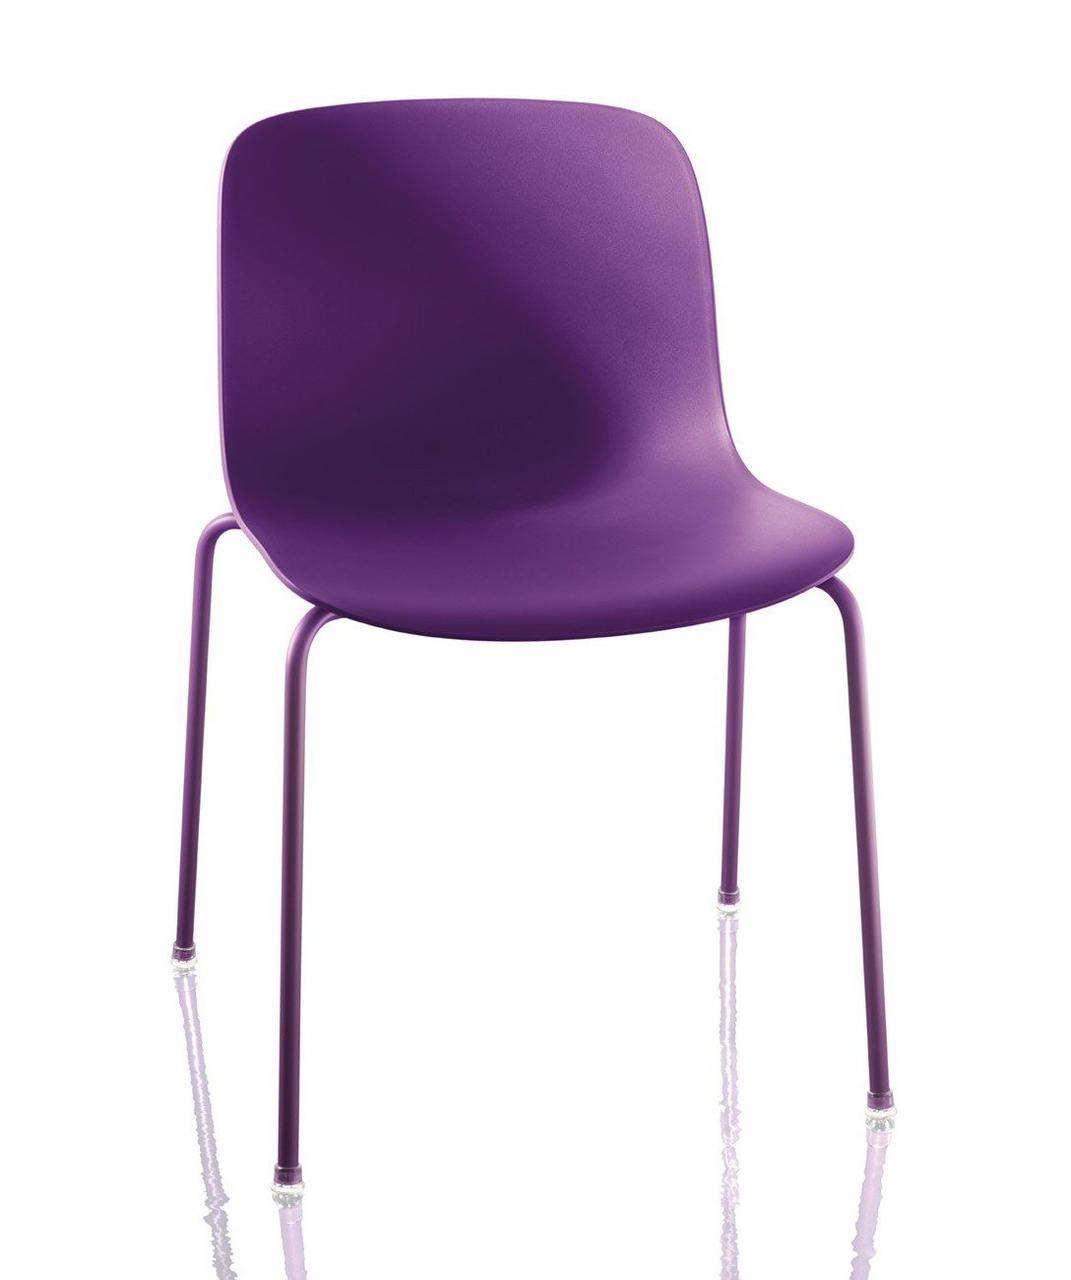 Стул Троя (Полипропилен лакированная рама фиолетовый сиденье